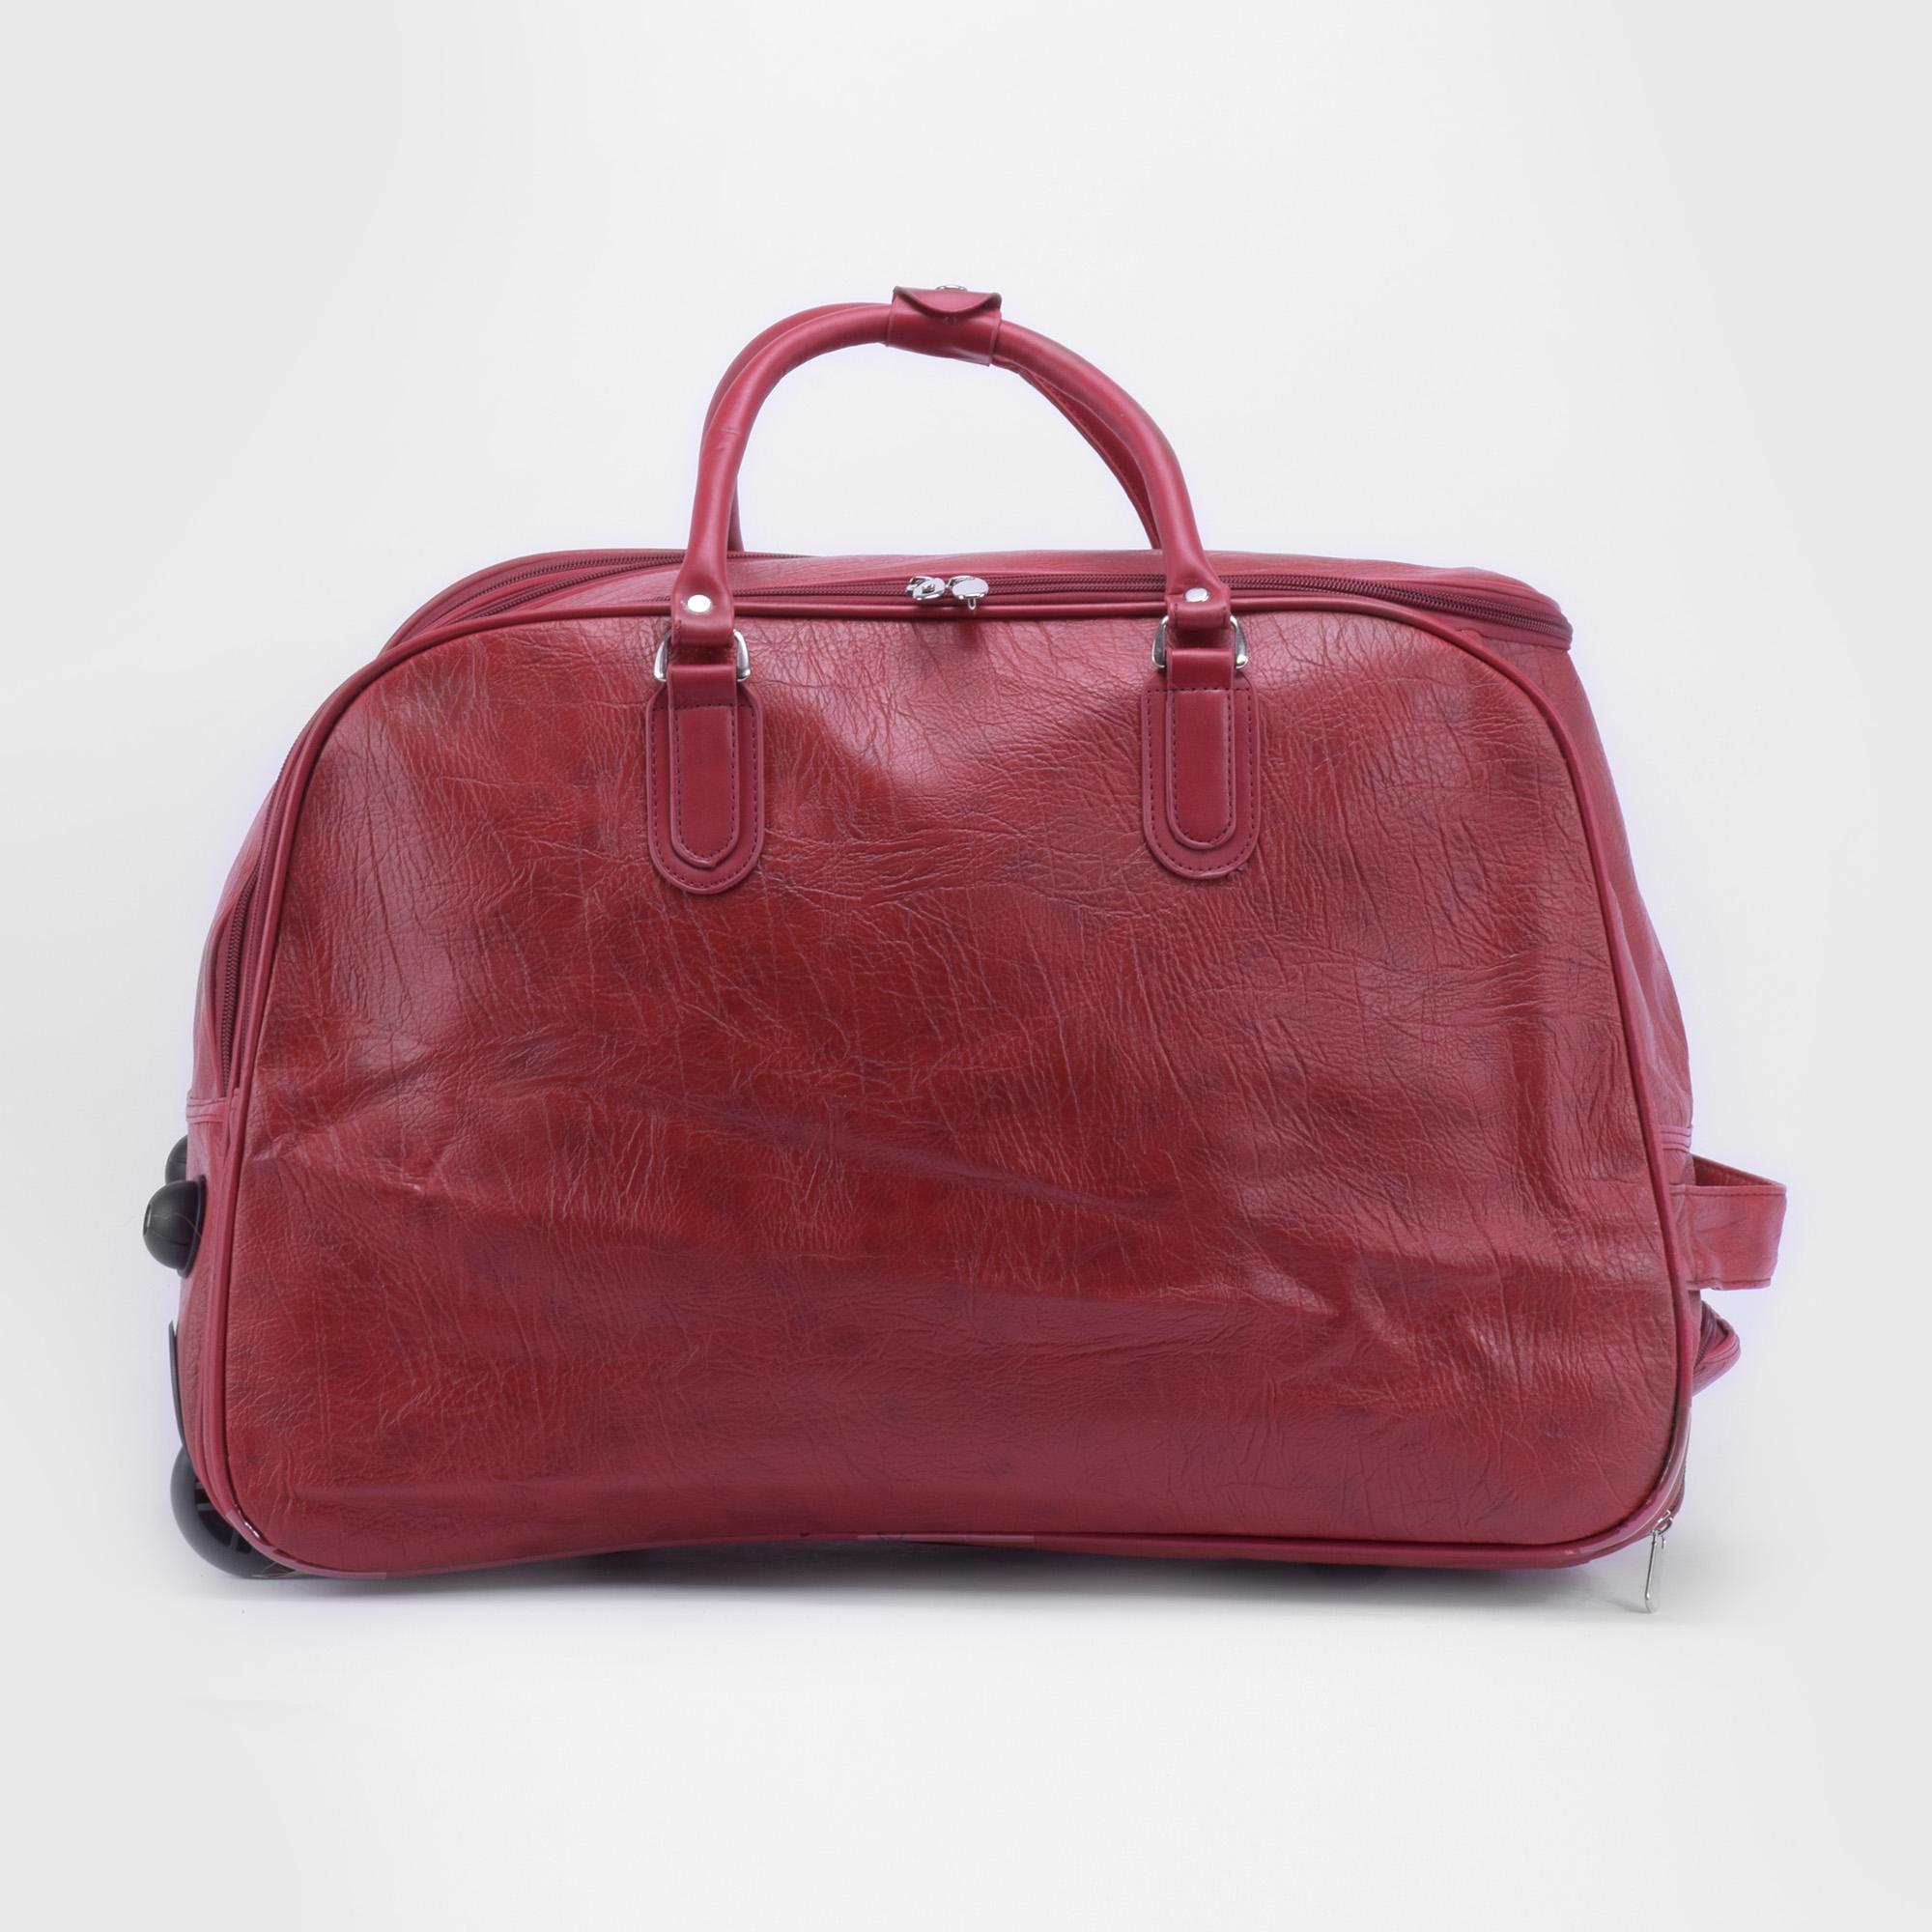 28f805cb33ad Közepes méretű piros műbőr gurulós utazótáska - KÖZEPES MÉRETŰ UTAZÓTÁSKA -  Táska webáruház - Minőségi táskák mindenkinek